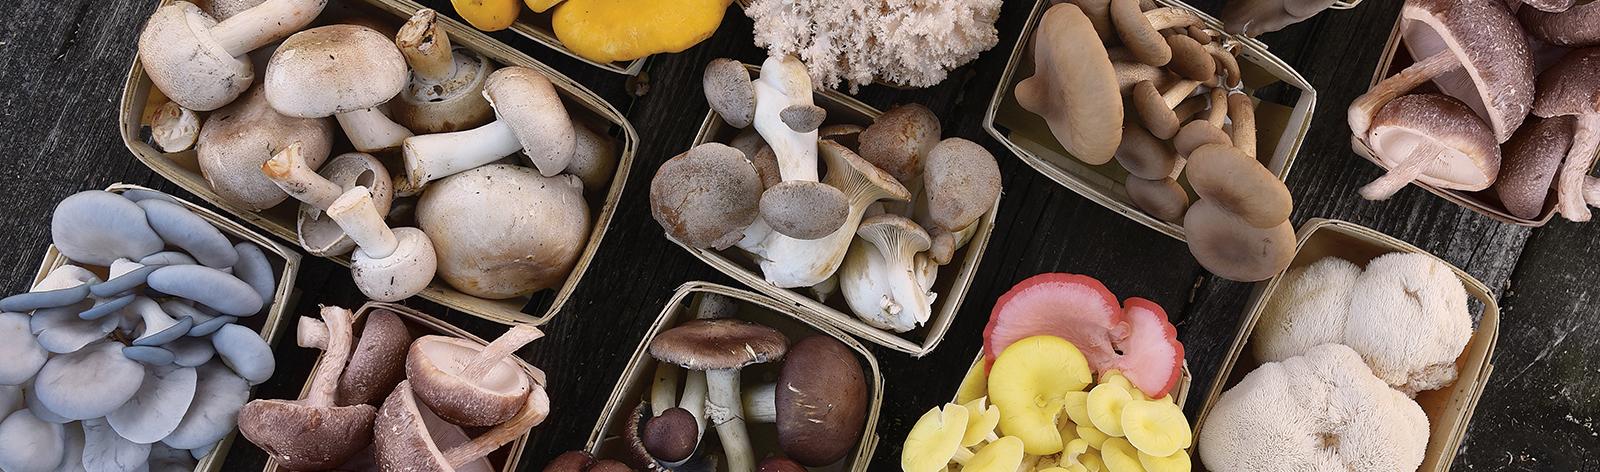 راه اندازی بزرگترین واحد تولید قارچ های دارویی و خوارکی خاورمیانه